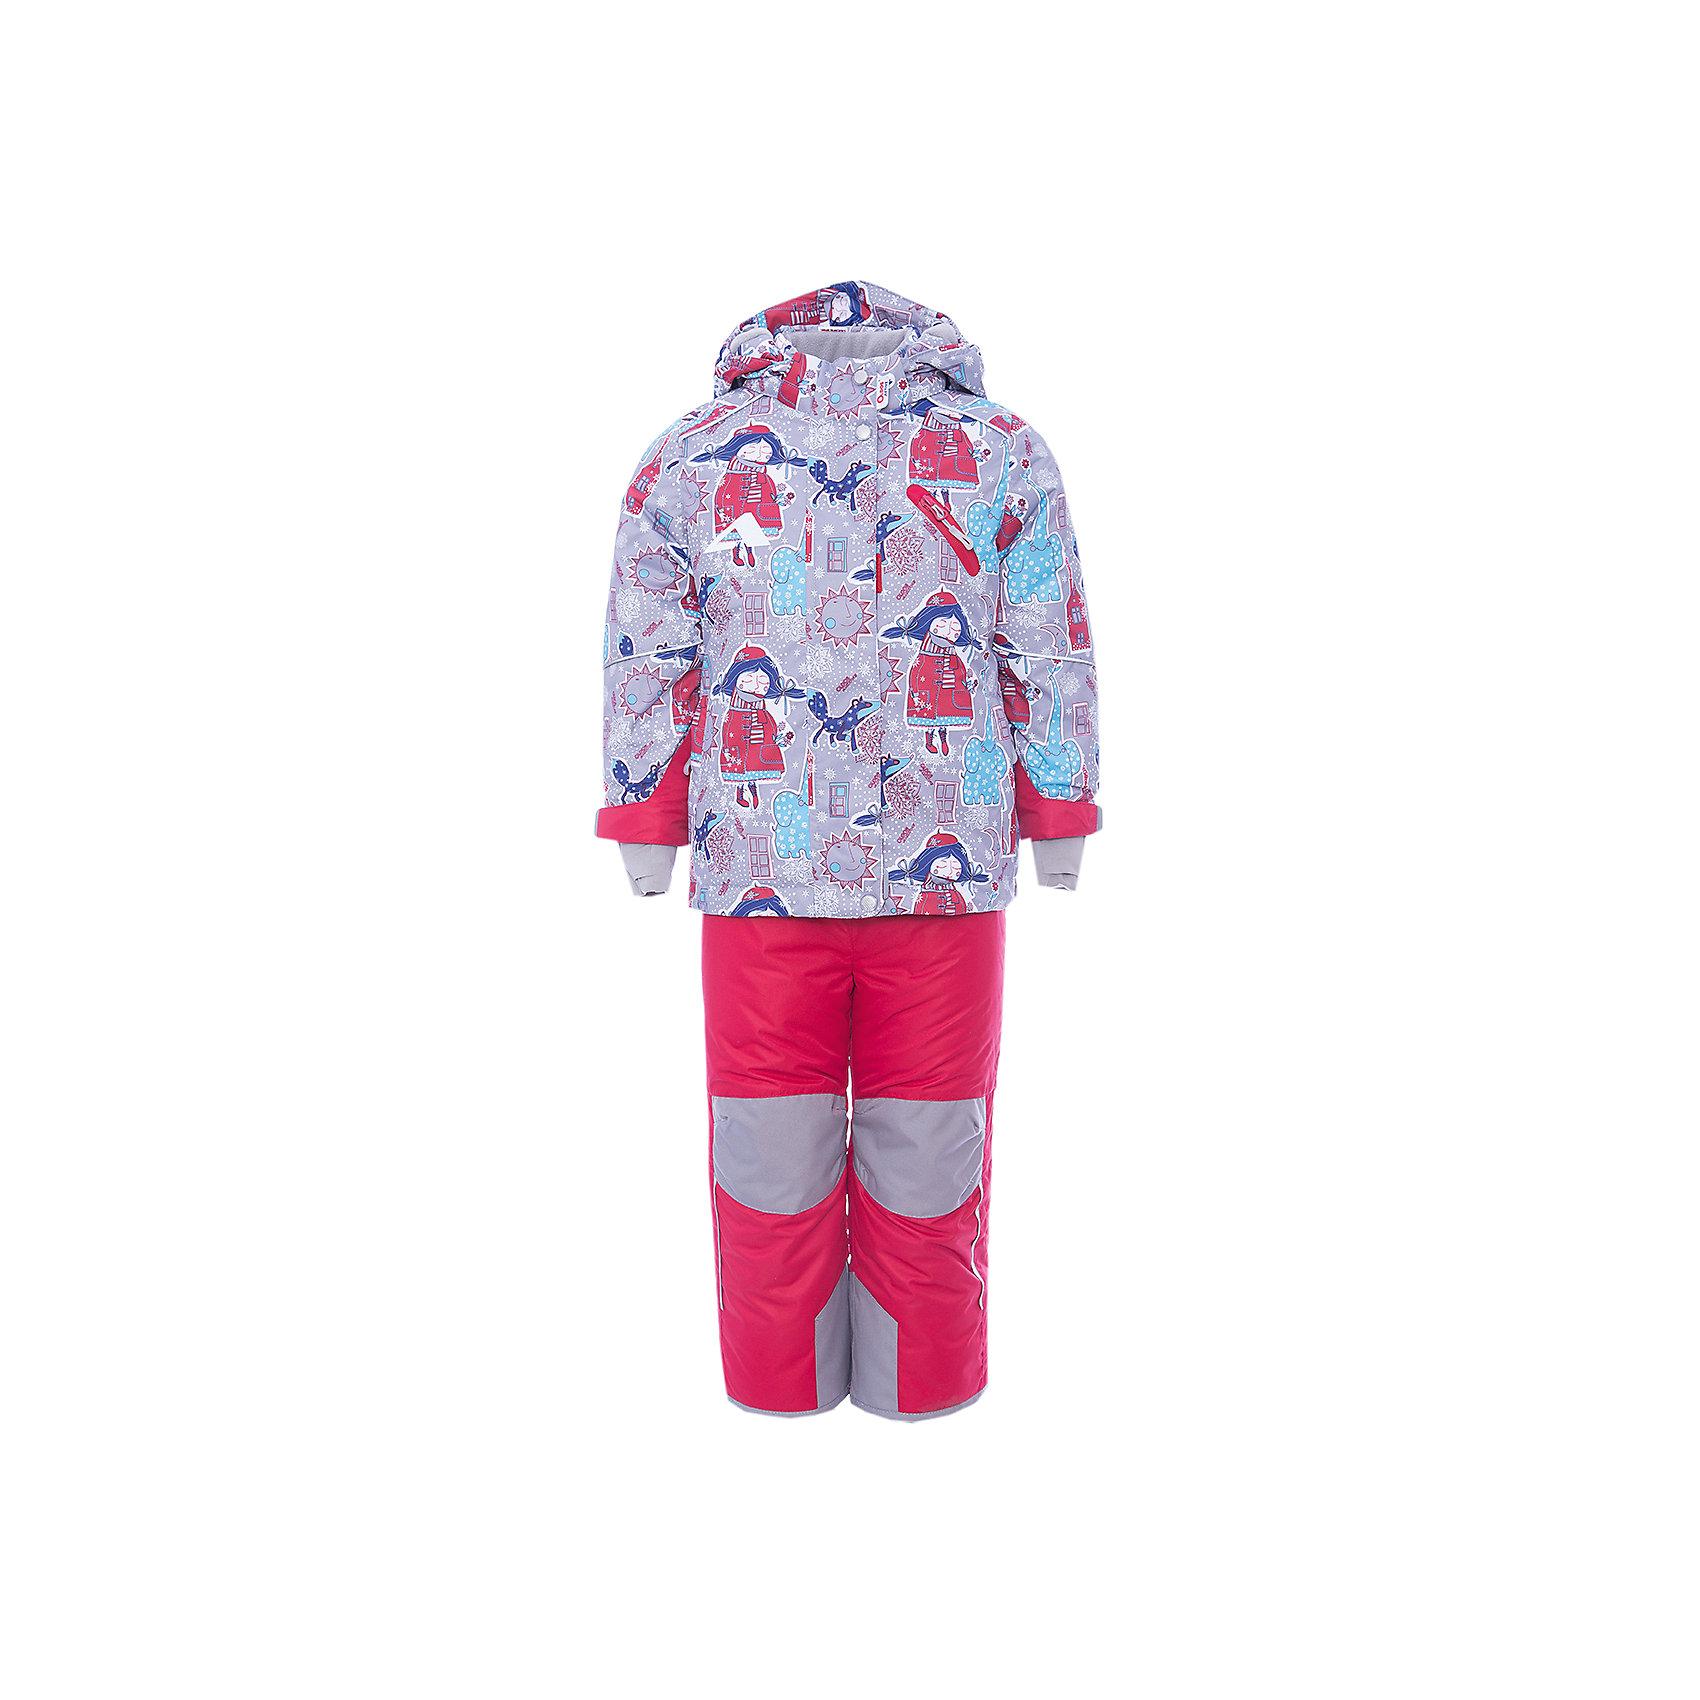 Комплект: куртка и полукомбинезон Нелли OLDOS для девочкиВерхняя одежда<br>Характеристики товара:<br><br>• цвет: серый<br>• комплектация: куртка и полукомбинезон<br>• состав ткани: полиэстер, Teflon<br>• подкладка: флис<br>• утеплитель: Hollofan pro<br>• сезон: зима<br>• мембранное покрытие<br>• температурный режим: от -30 до +5<br>• водонепроницаемость: 5000 мм <br>• паропроницаемость: 5000 г/м2<br>• плотность утеплителя: куртка - 200 г/м2, полукомбинезон - 150 г/м2<br>• застежка: молния<br>• капюшон: без меха, съемный<br>• полукомбинезон усилен износостойкими вставками<br>• страна бренда: Россия<br>• страна изготовитель: Россия<br><br>Такой зимний комплект выделяется стильным дизайном. Детский комплект для девочки дополнен элементами, помогающими скорректировать размер точно под ребенка. Детский зимний комплект создан с применением мембранной технологии, поэтому рассчитан даже на сильные морозы и ветра. <br><br>Комплект: куртка и полукомбинезон Нелли Oldos (Олдос) для девочки можно купить в нашем интернет-магазине.<br><br>Ширина мм: 356<br>Глубина мм: 10<br>Высота мм: 245<br>Вес г: 519<br>Цвет: серый<br>Возраст от месяцев: 36<br>Возраст до месяцев: 48<br>Пол: Женский<br>Возраст: Детский<br>Размер: 104,86,92,98<br>SKU: 7015973